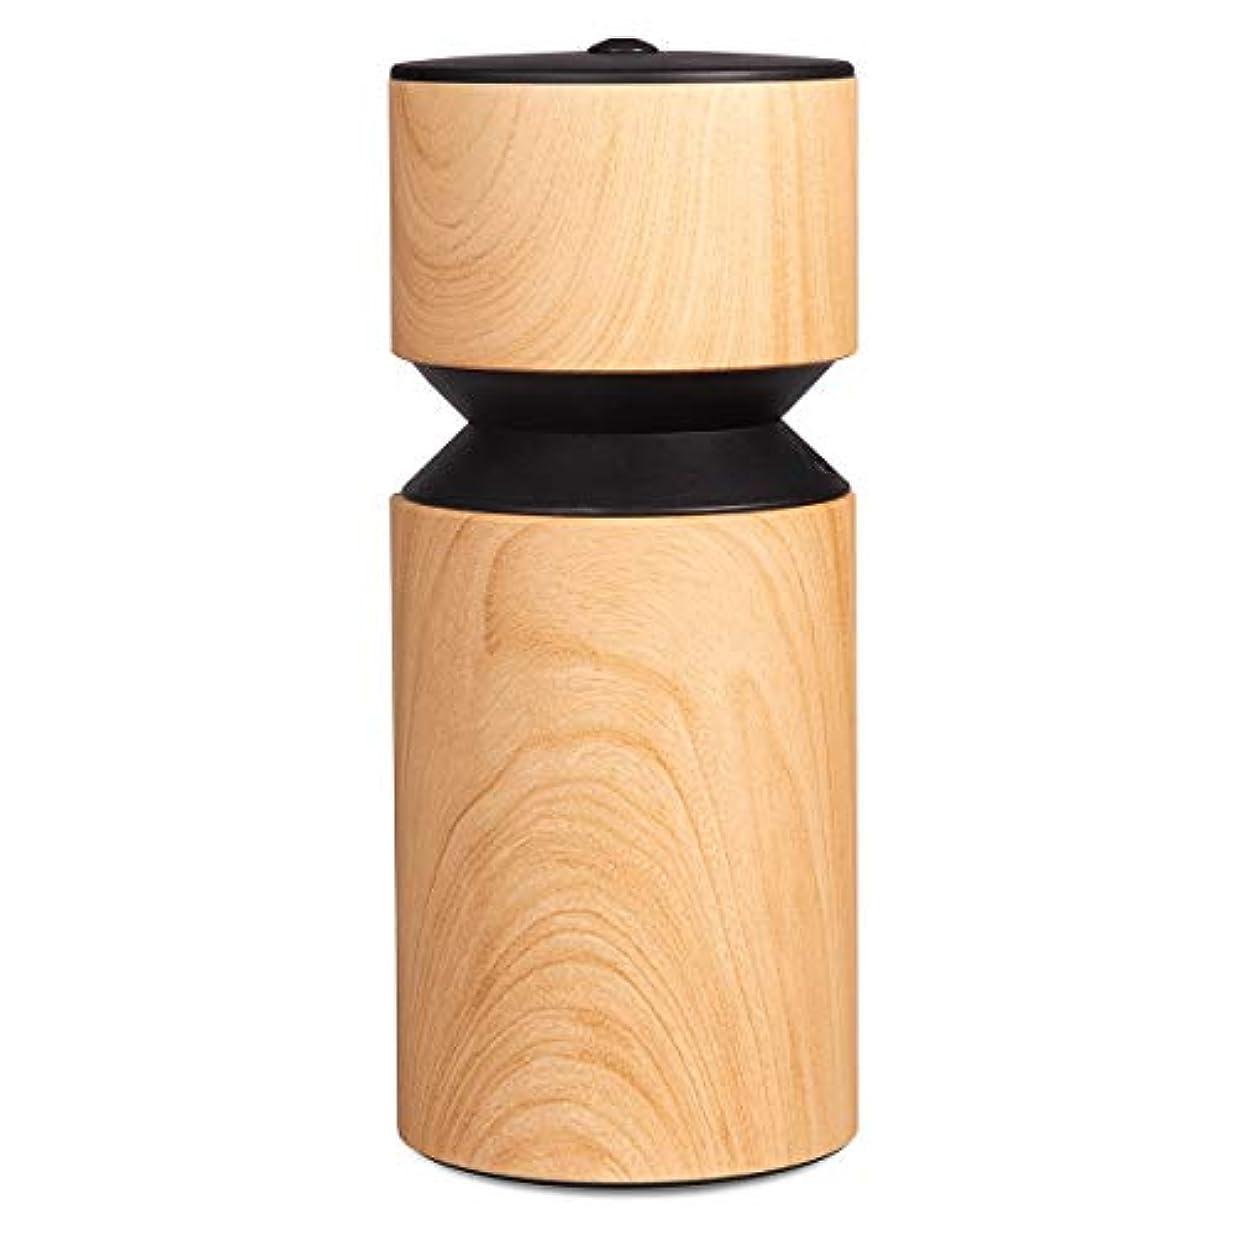 手首マインド八百屋アロマディフューザー 車内や家庭で使用 ネブライザー式 アロマライト 充電式で静か アロマバーナー S068W